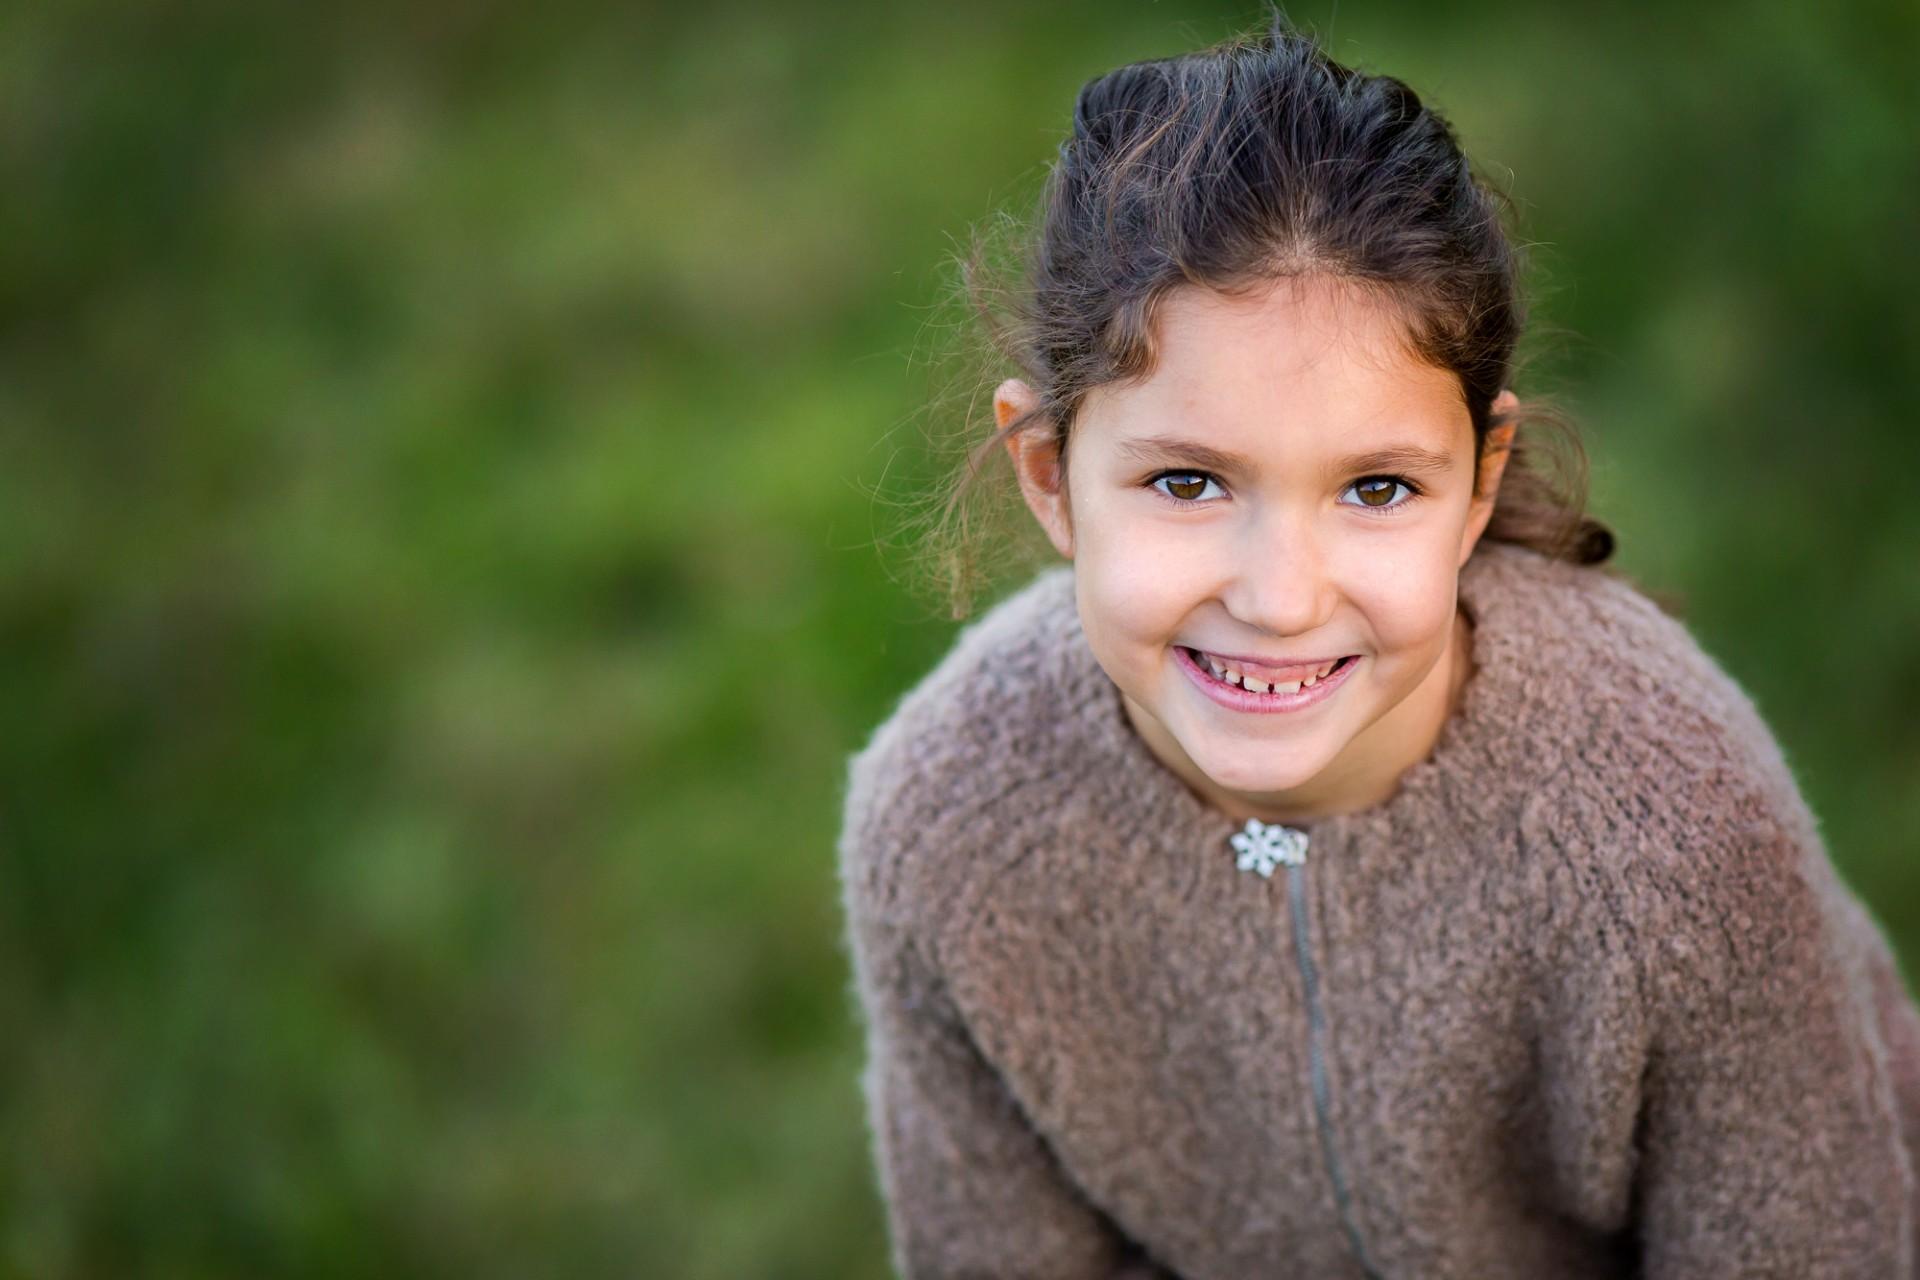 #детска фотография (45)